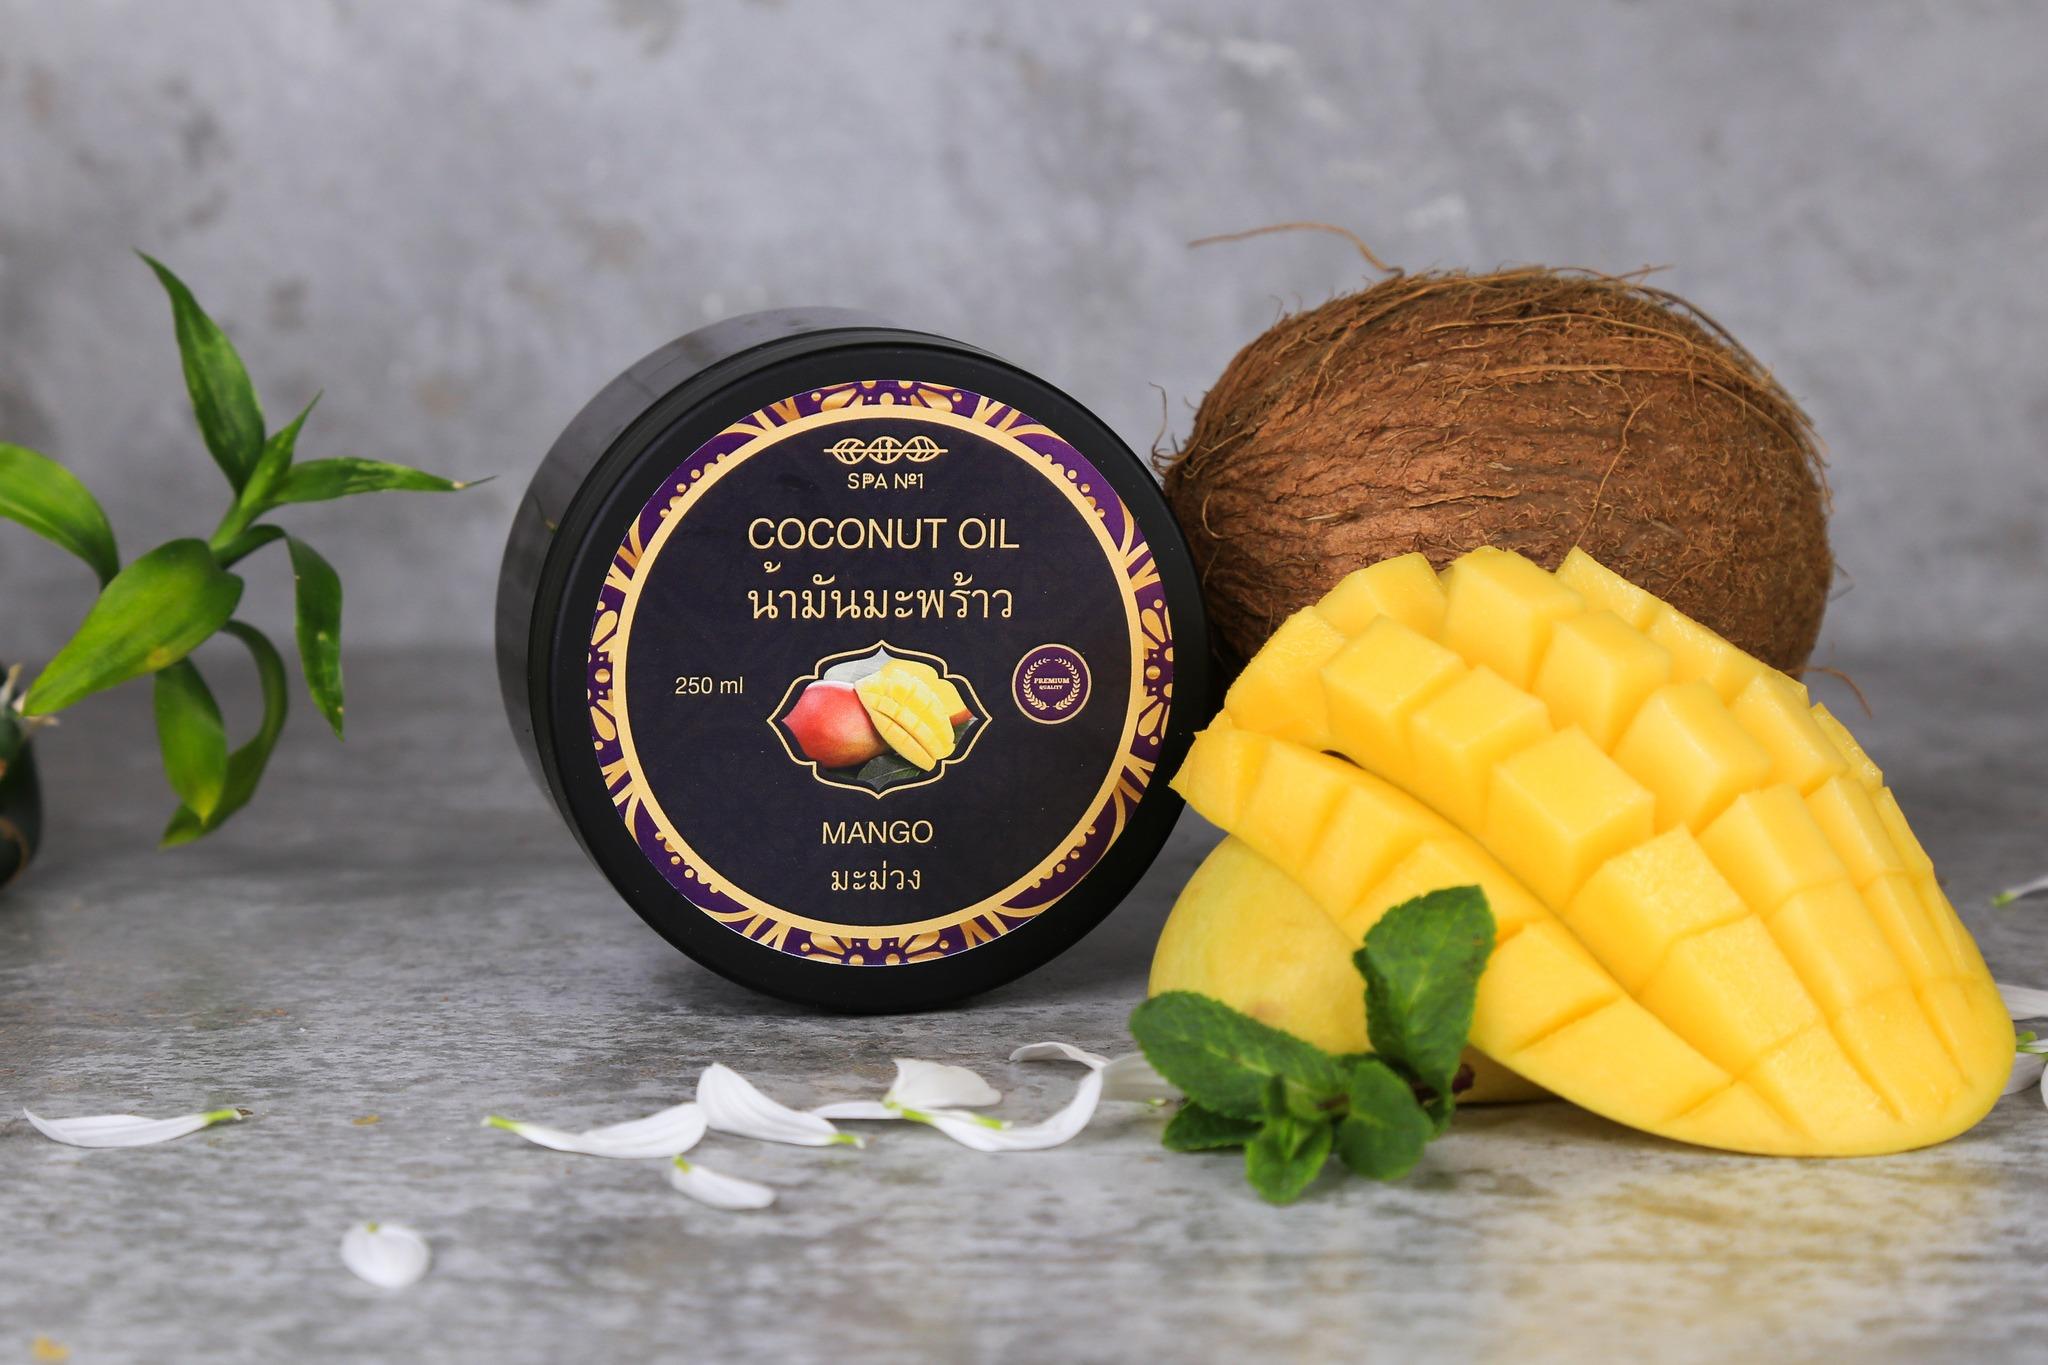 масло манго для волос